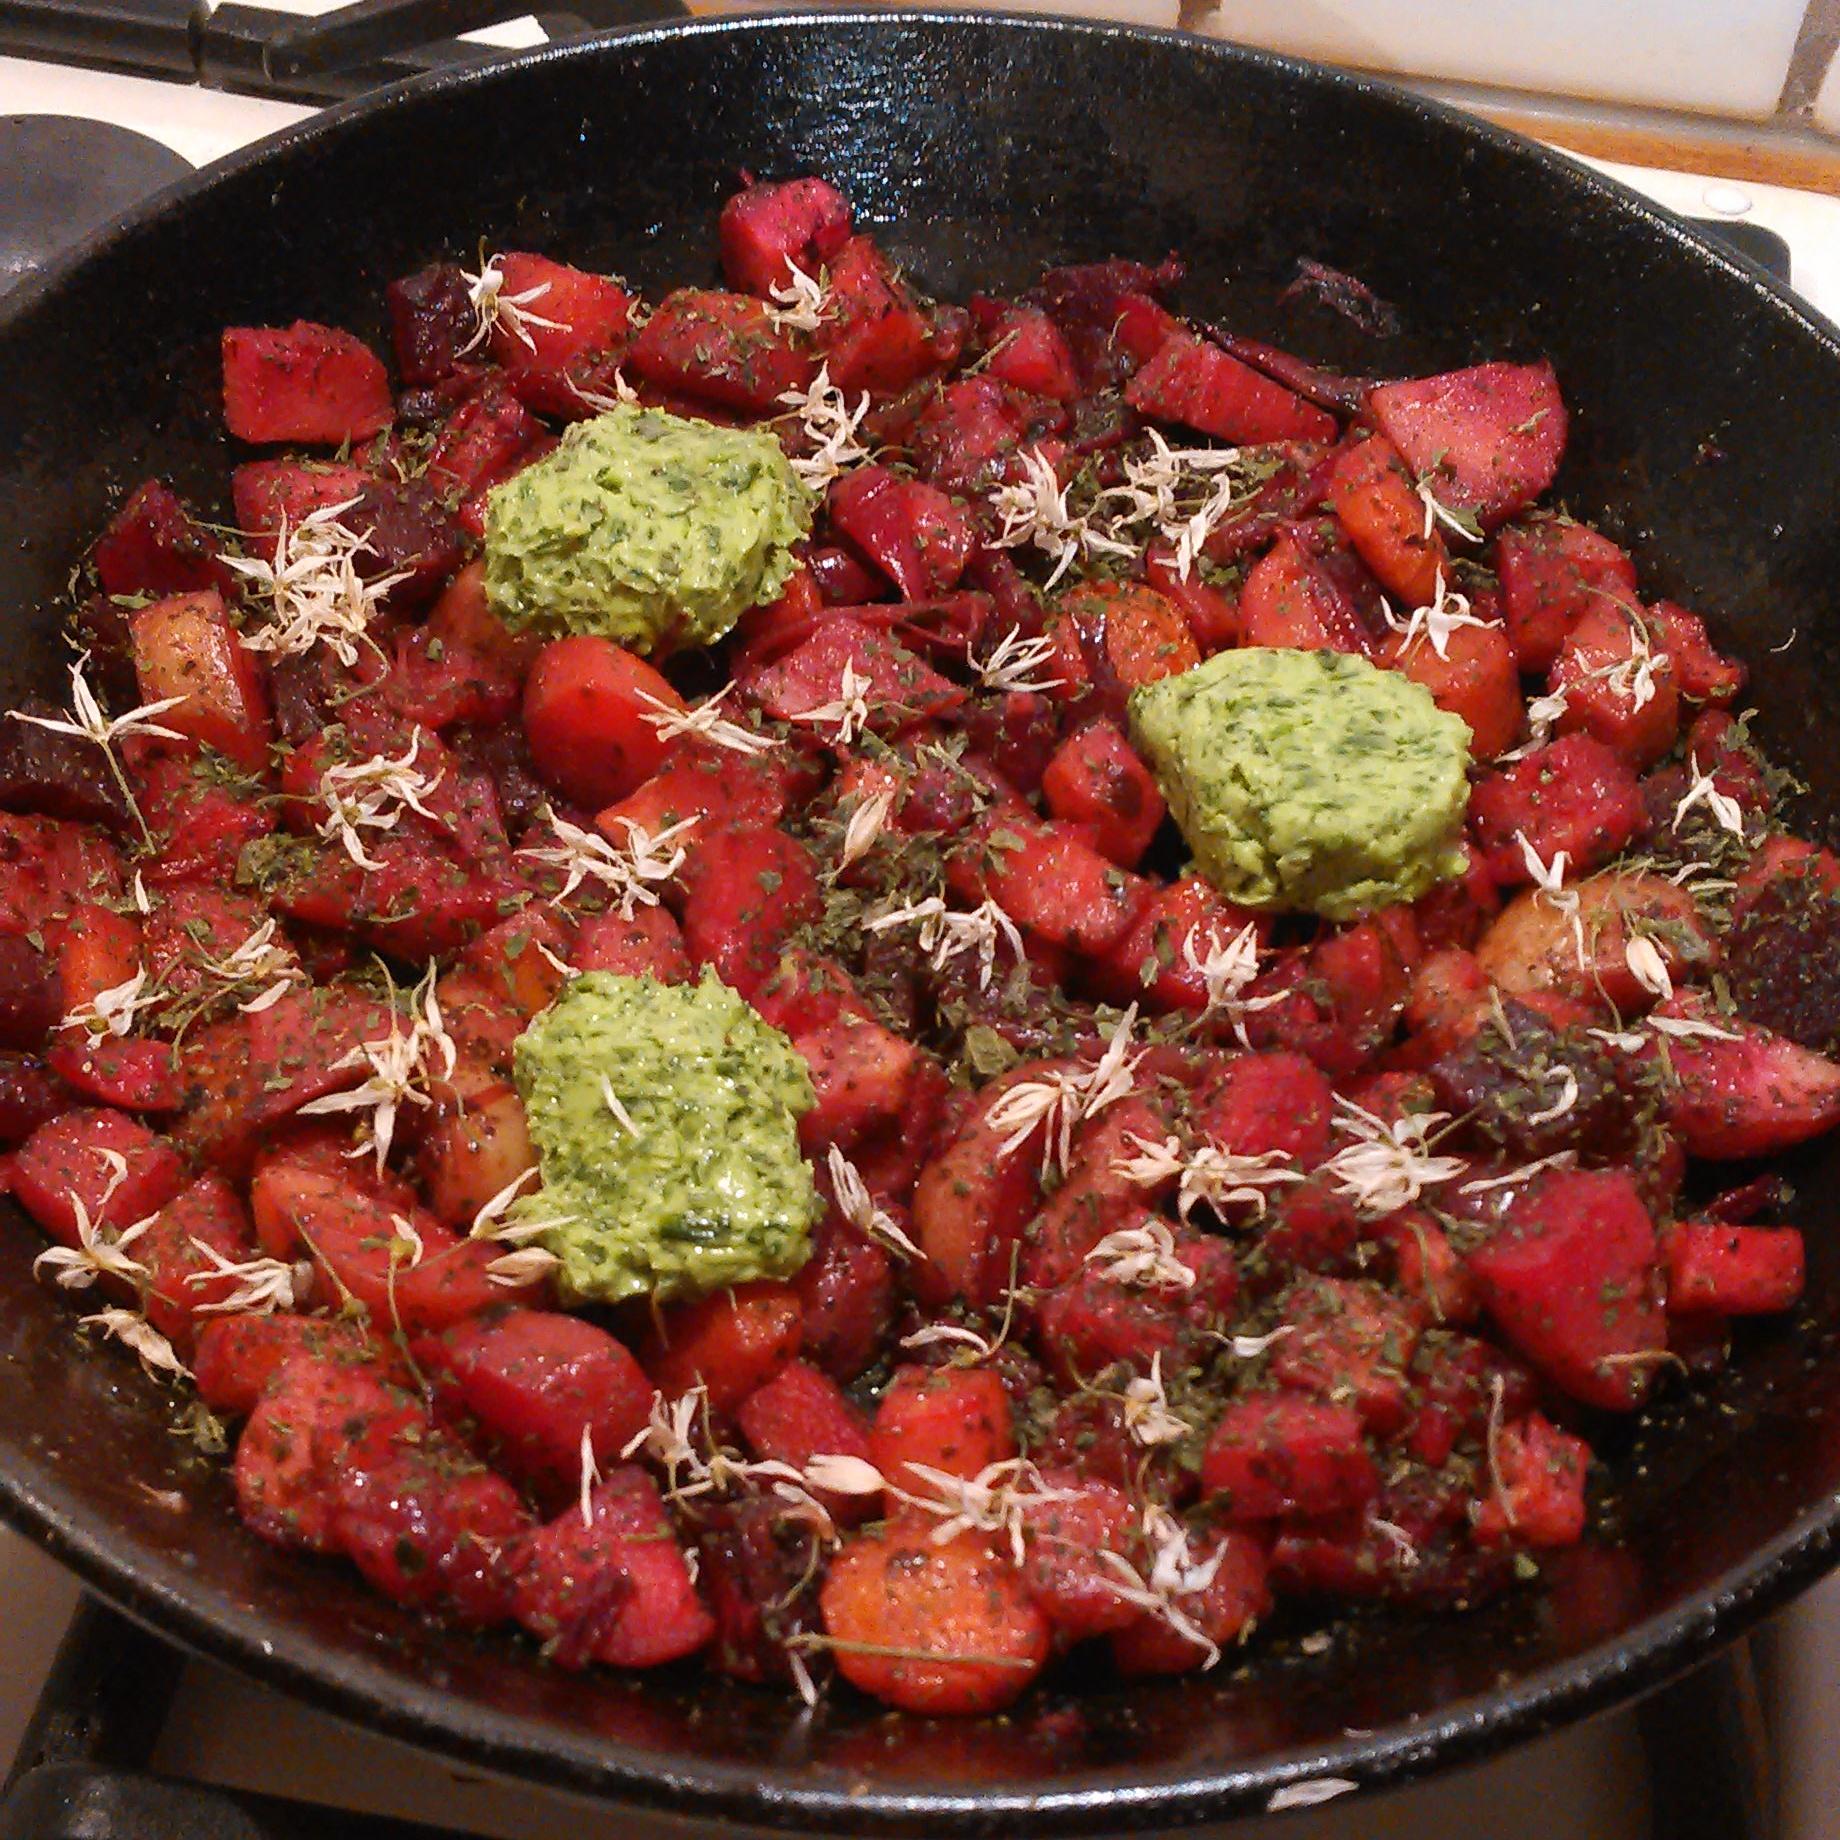 Igår spiste vi ovnsgrønnsaker krydret med sunnhetsdryss, som er en blanding av masse ville vekster og ekstra mye brenneslefrø,ryllik og bergmynta . Idag ble dette varmet opp med ekstra ramsløksmør, tørket ramsløkblomster og brennesle